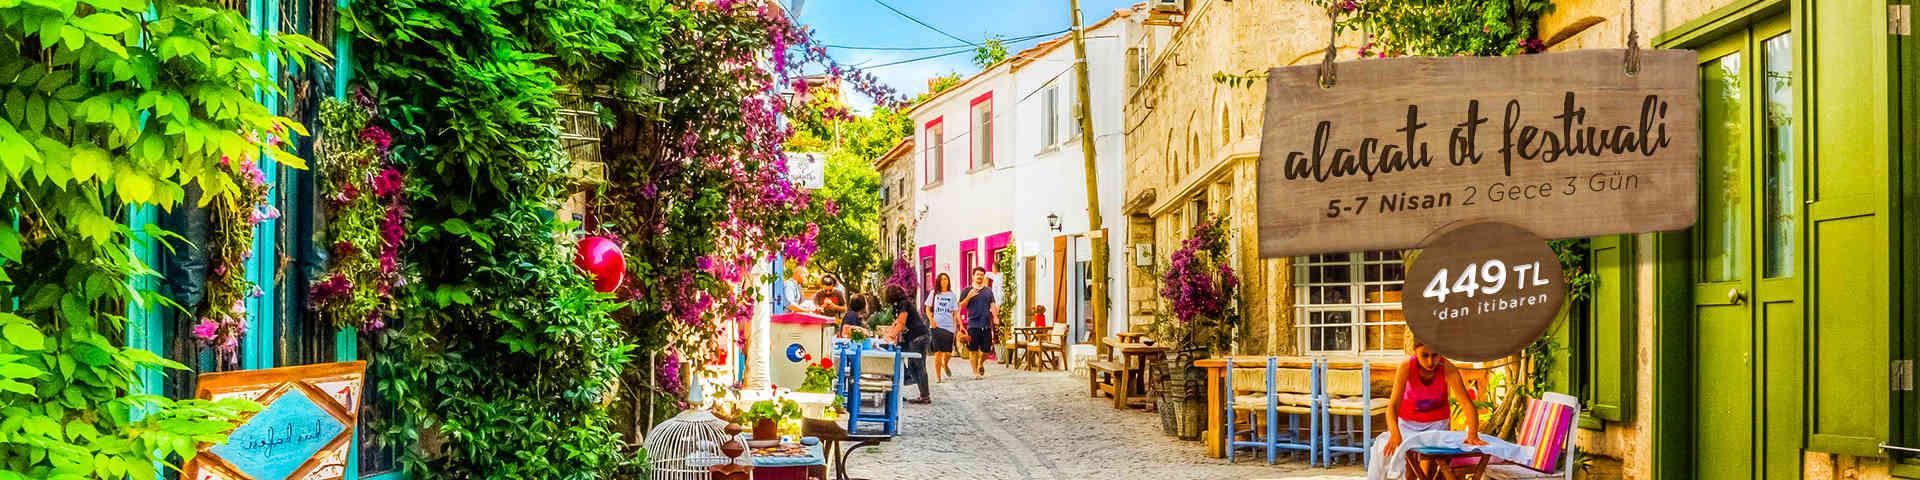 Alaçatı Ot Festivali Şirince Efes Turu